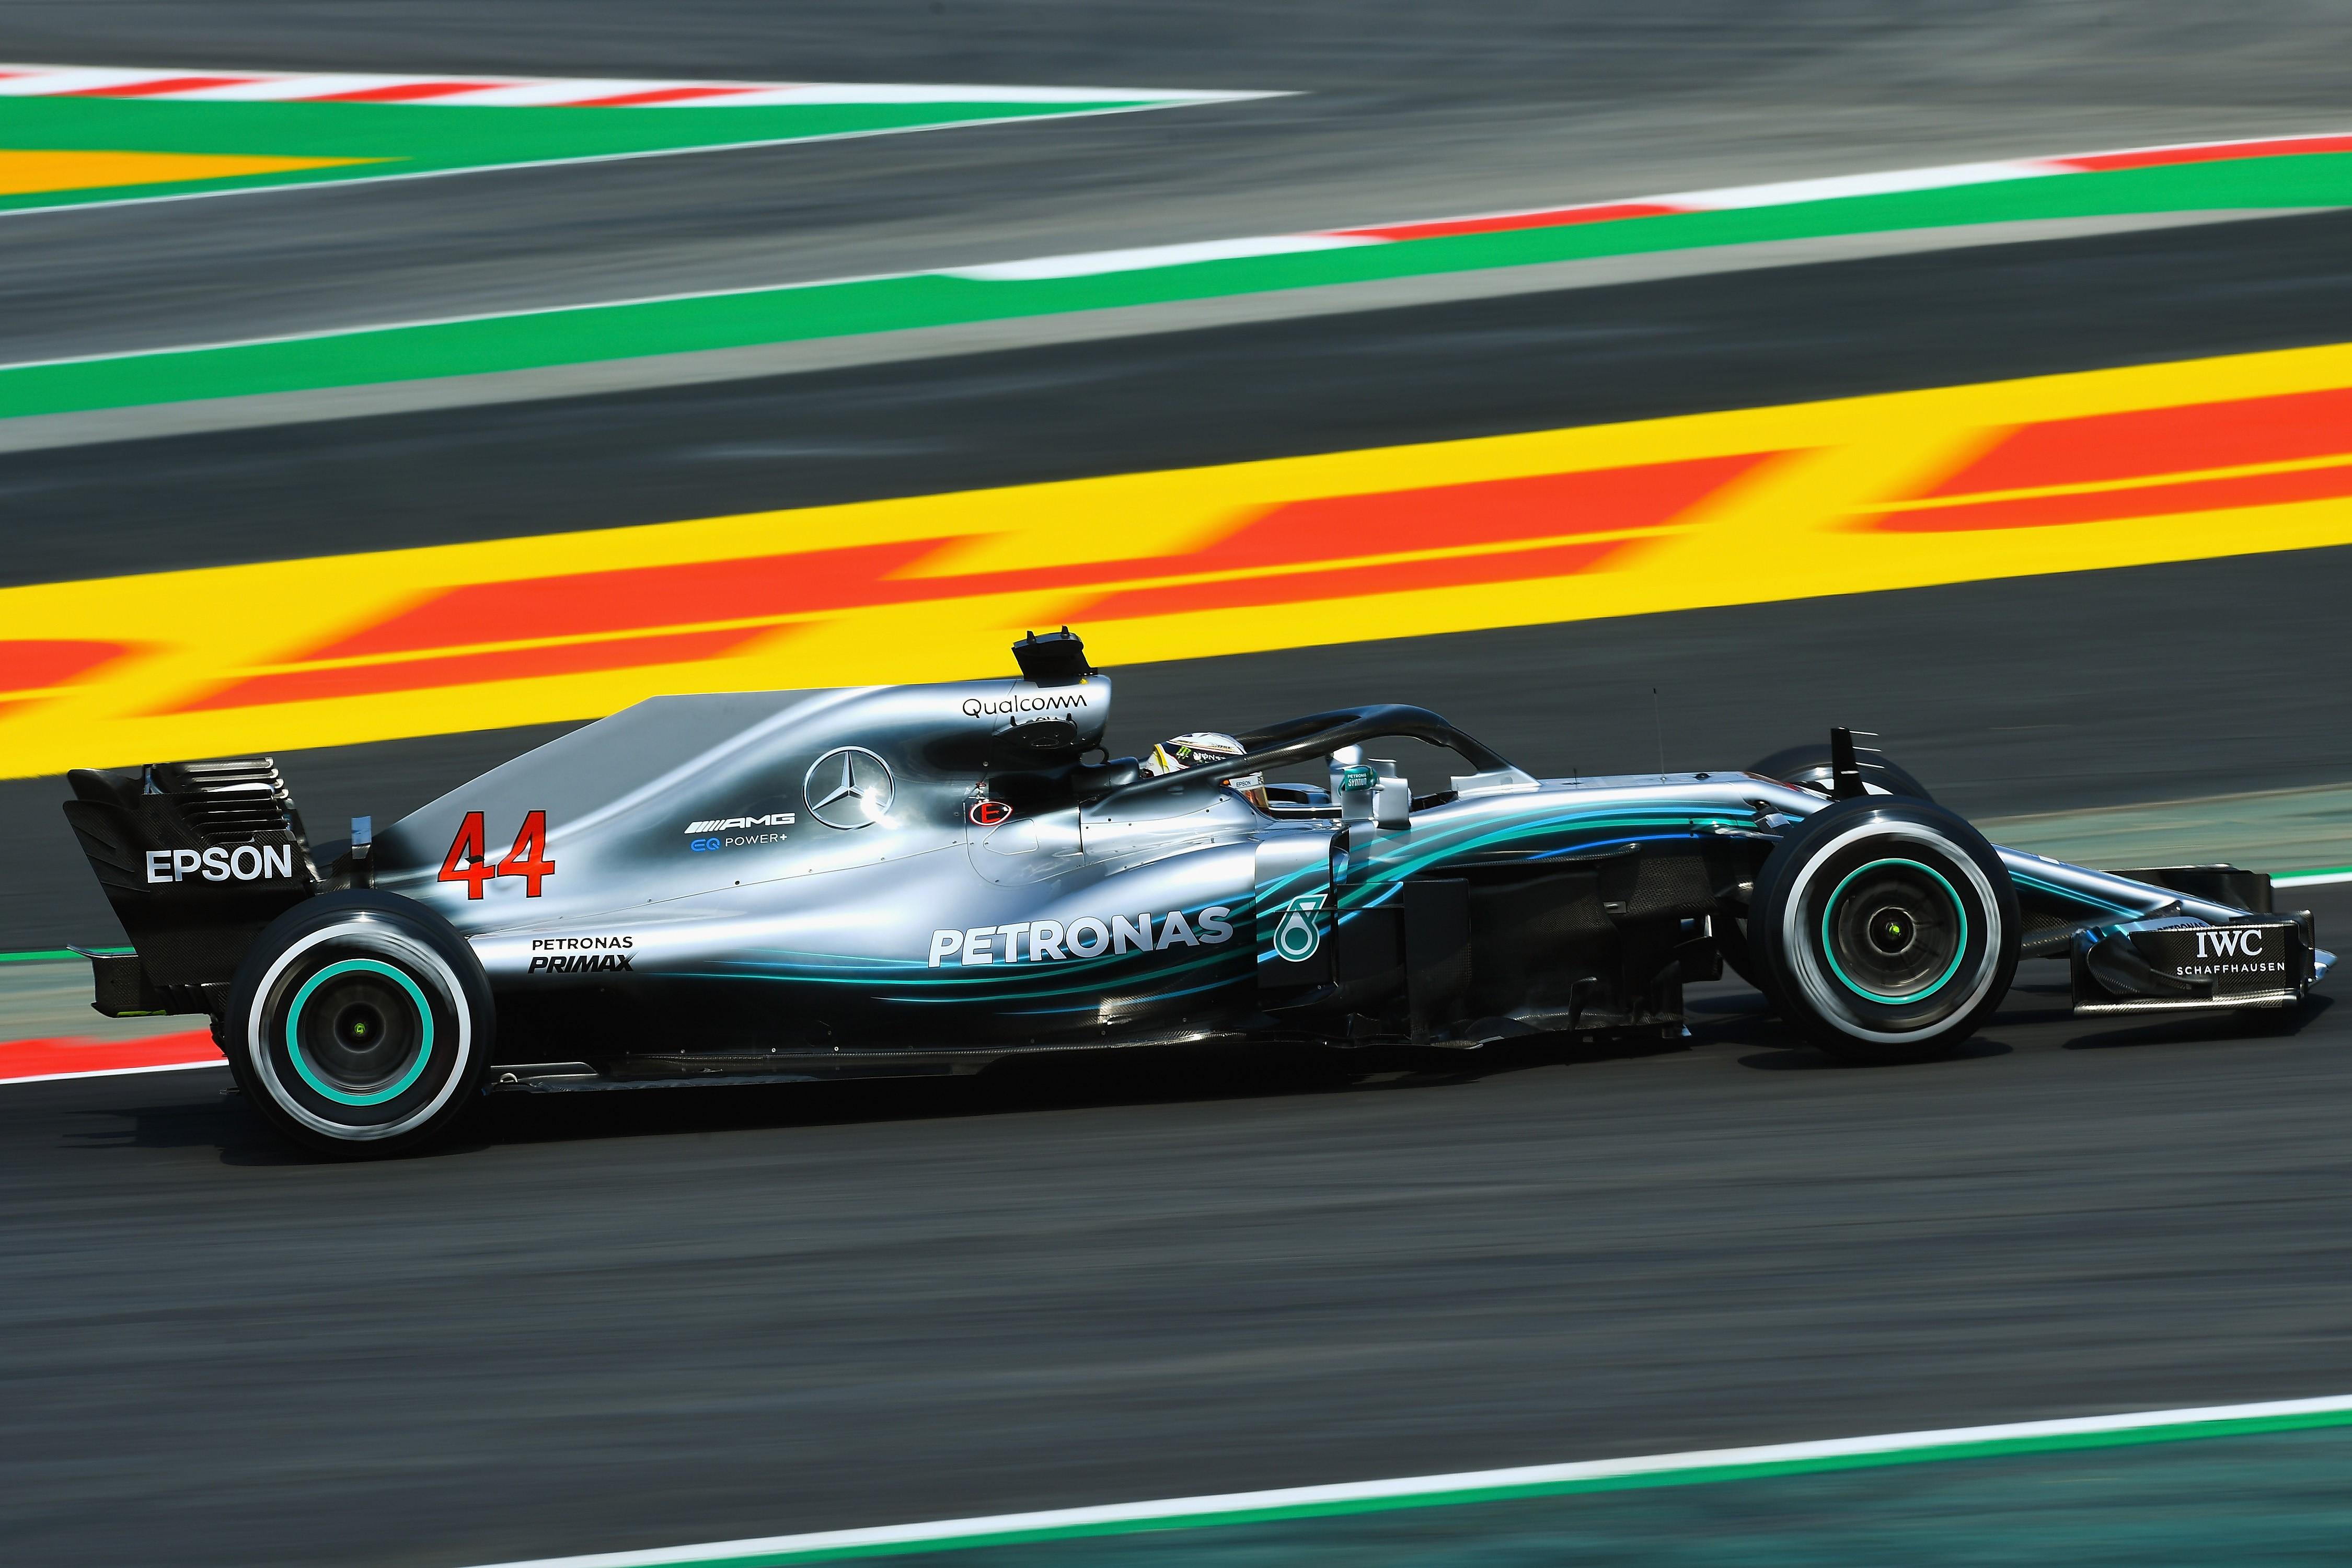 Lewis Hamilton (Mercedes) au Grand Prix d'Espagne 2018